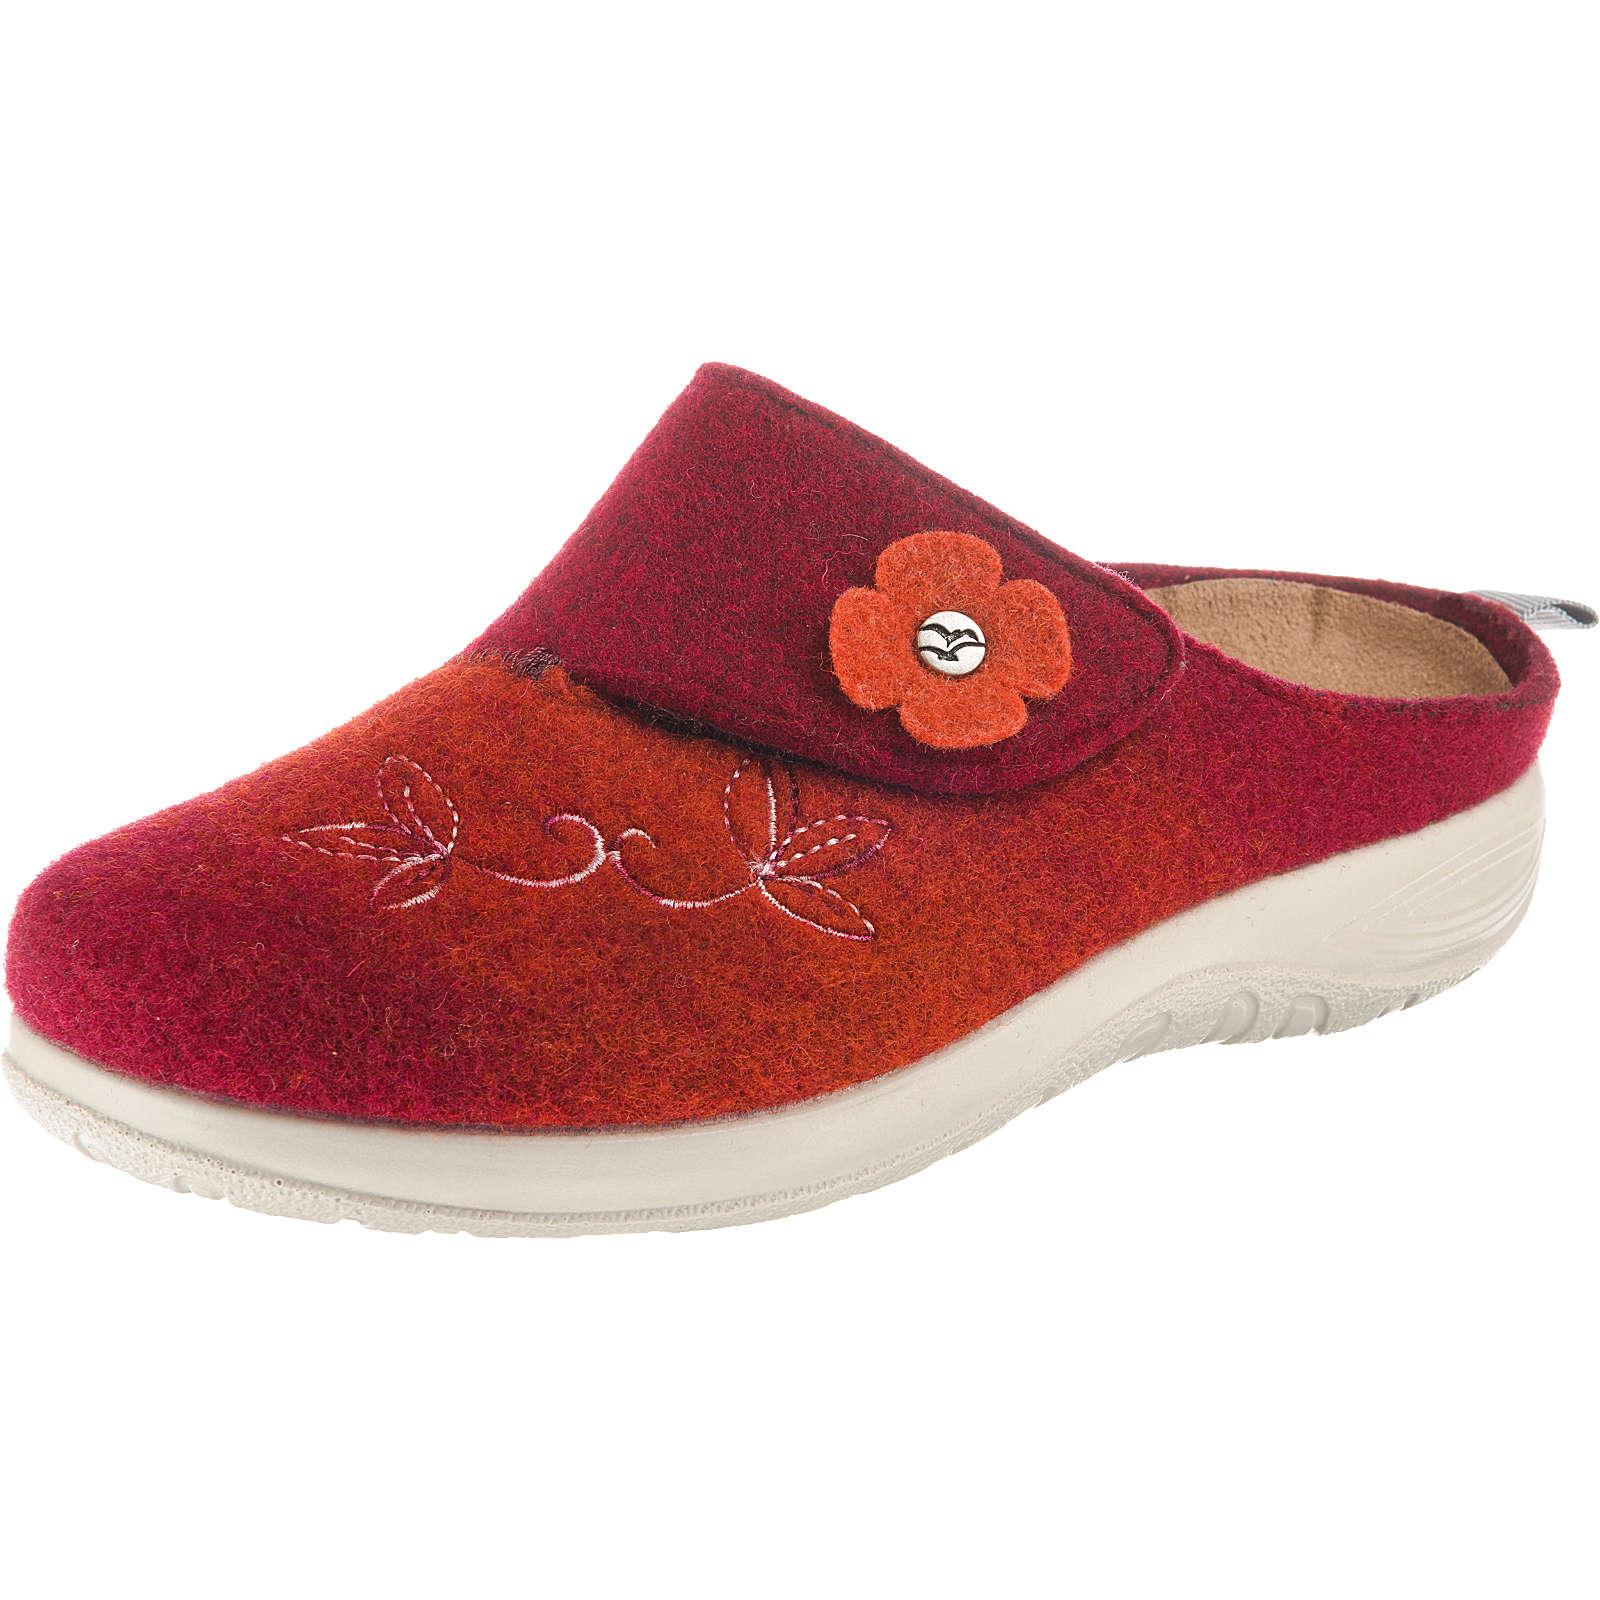 FLY FLOT Pantoffeln rot Damen Gr. 41